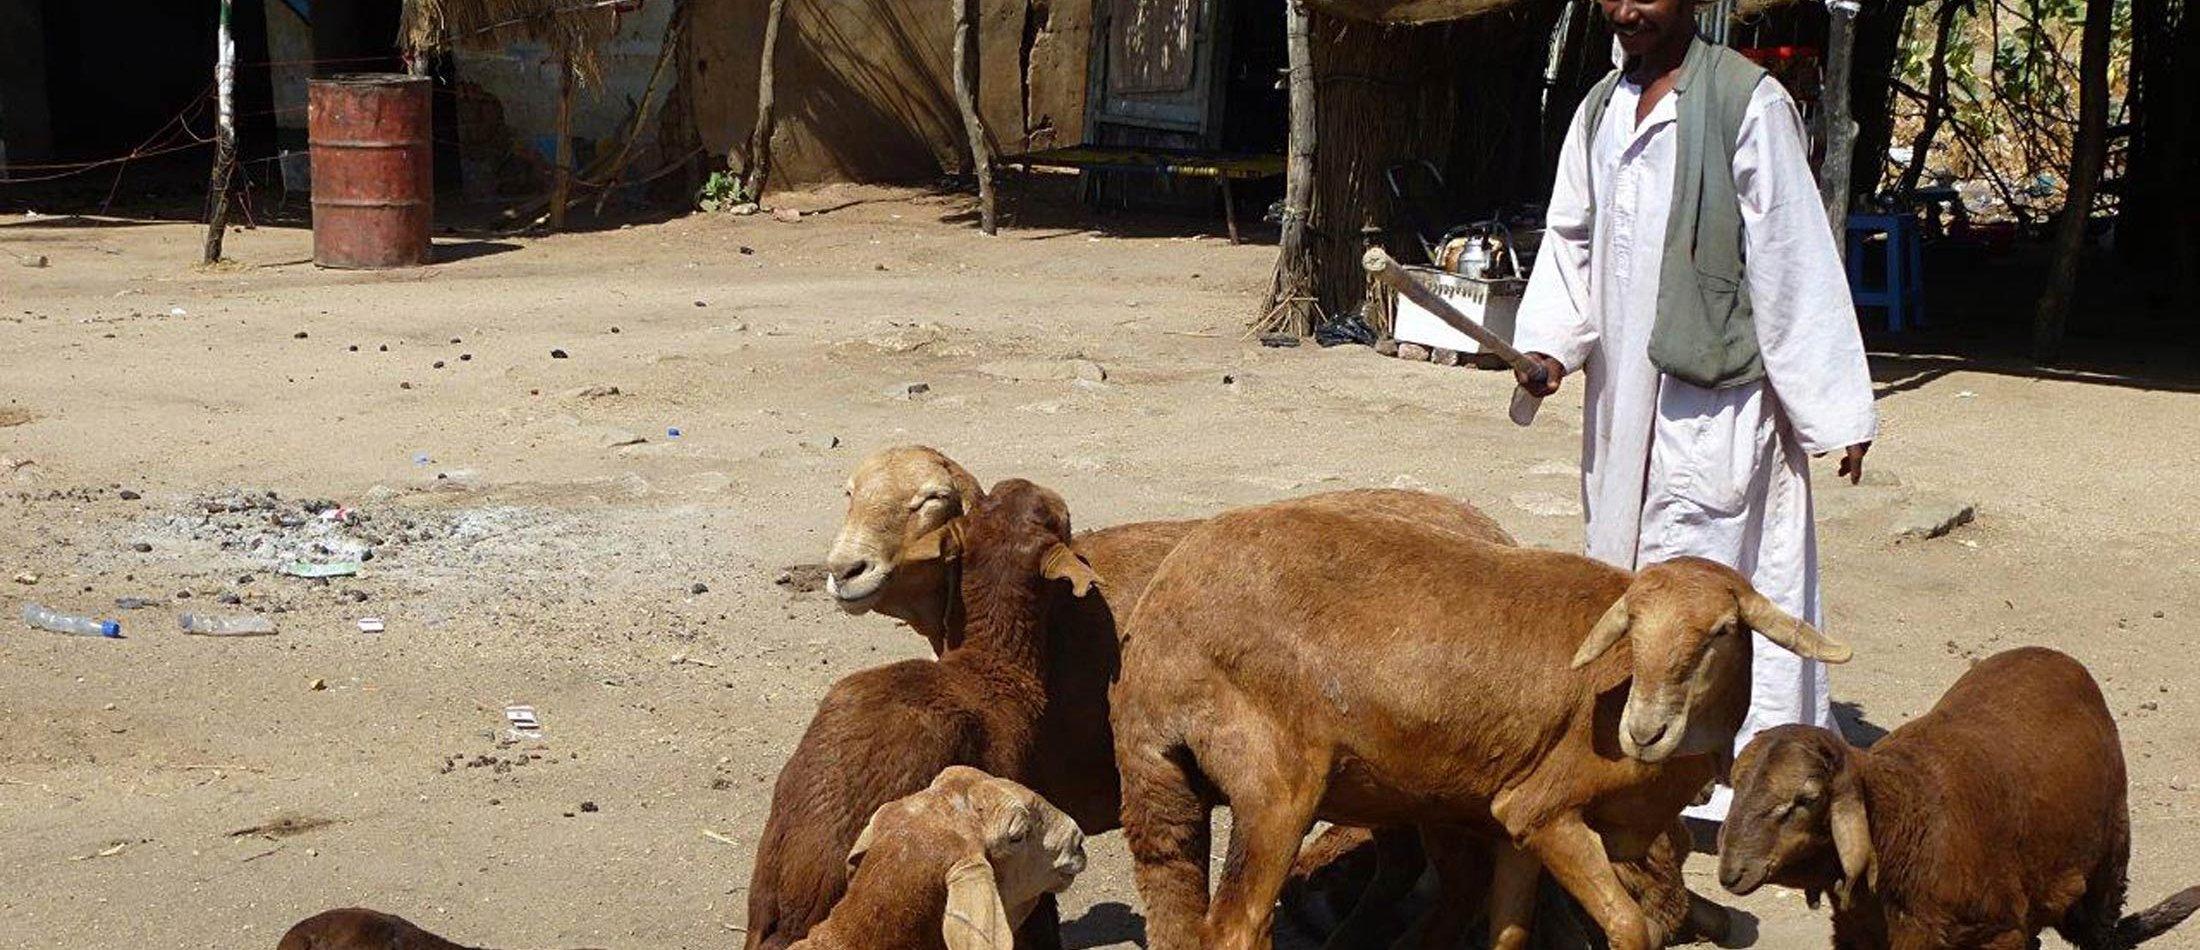 sudan wirtschaft